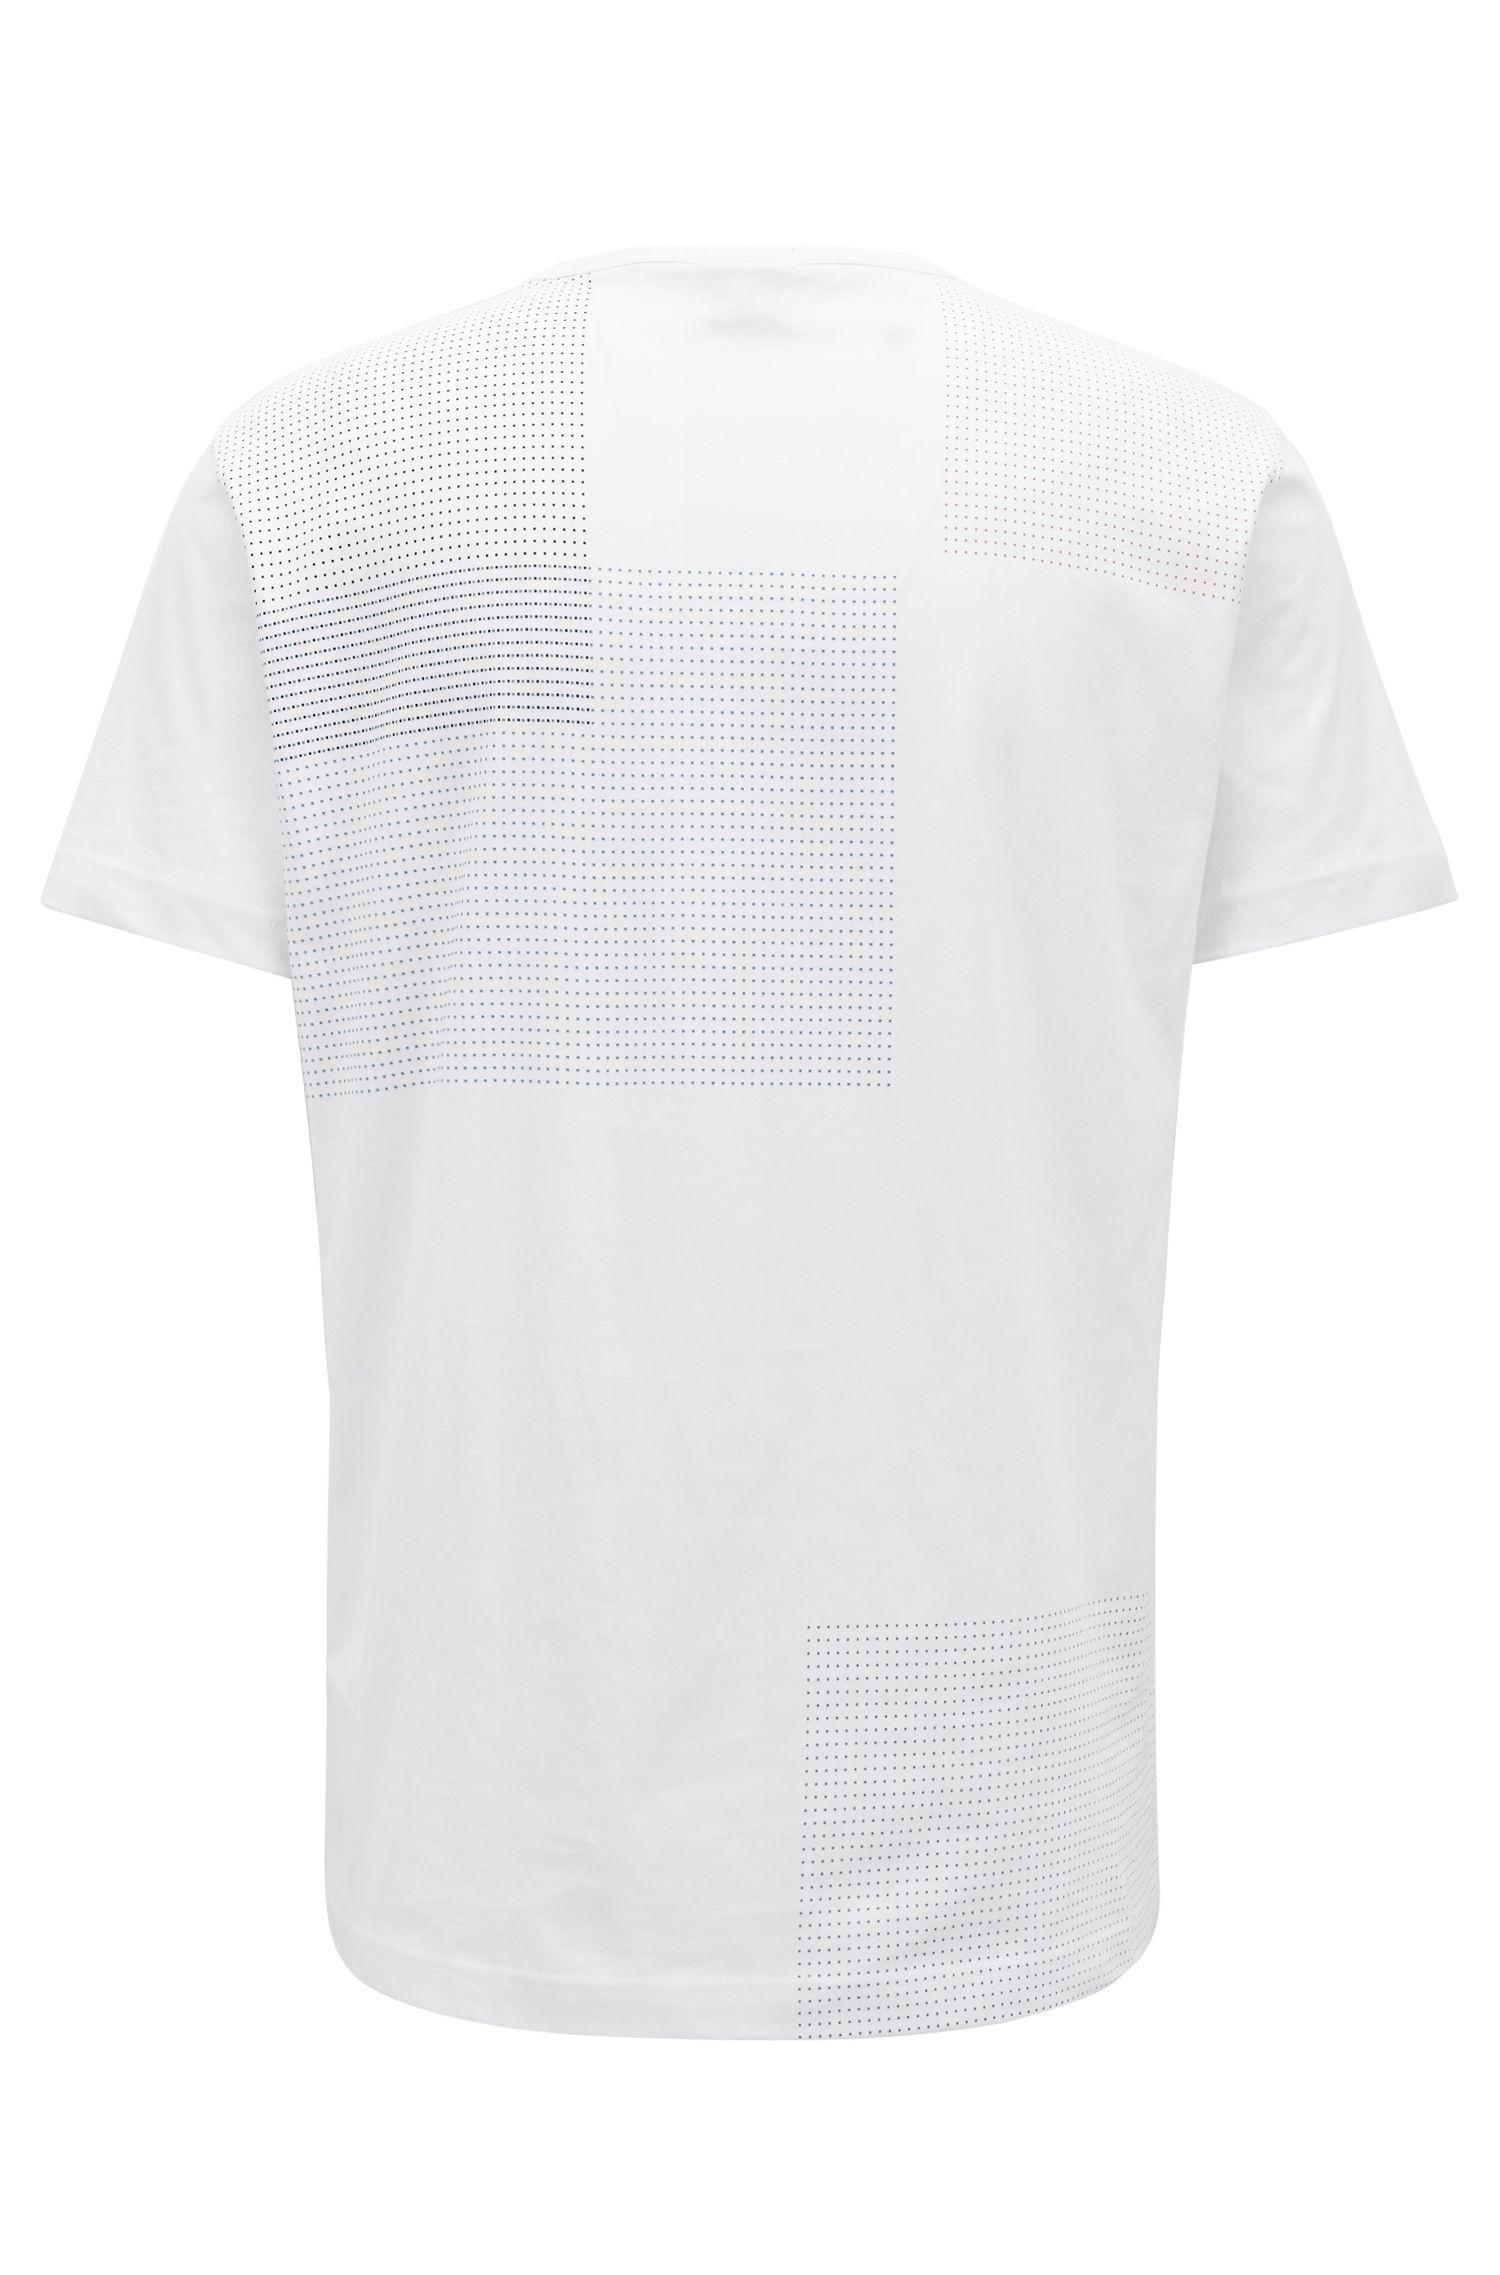 Bedrucktes T-Shirt aus Single Jersey mit Logo, Weiß